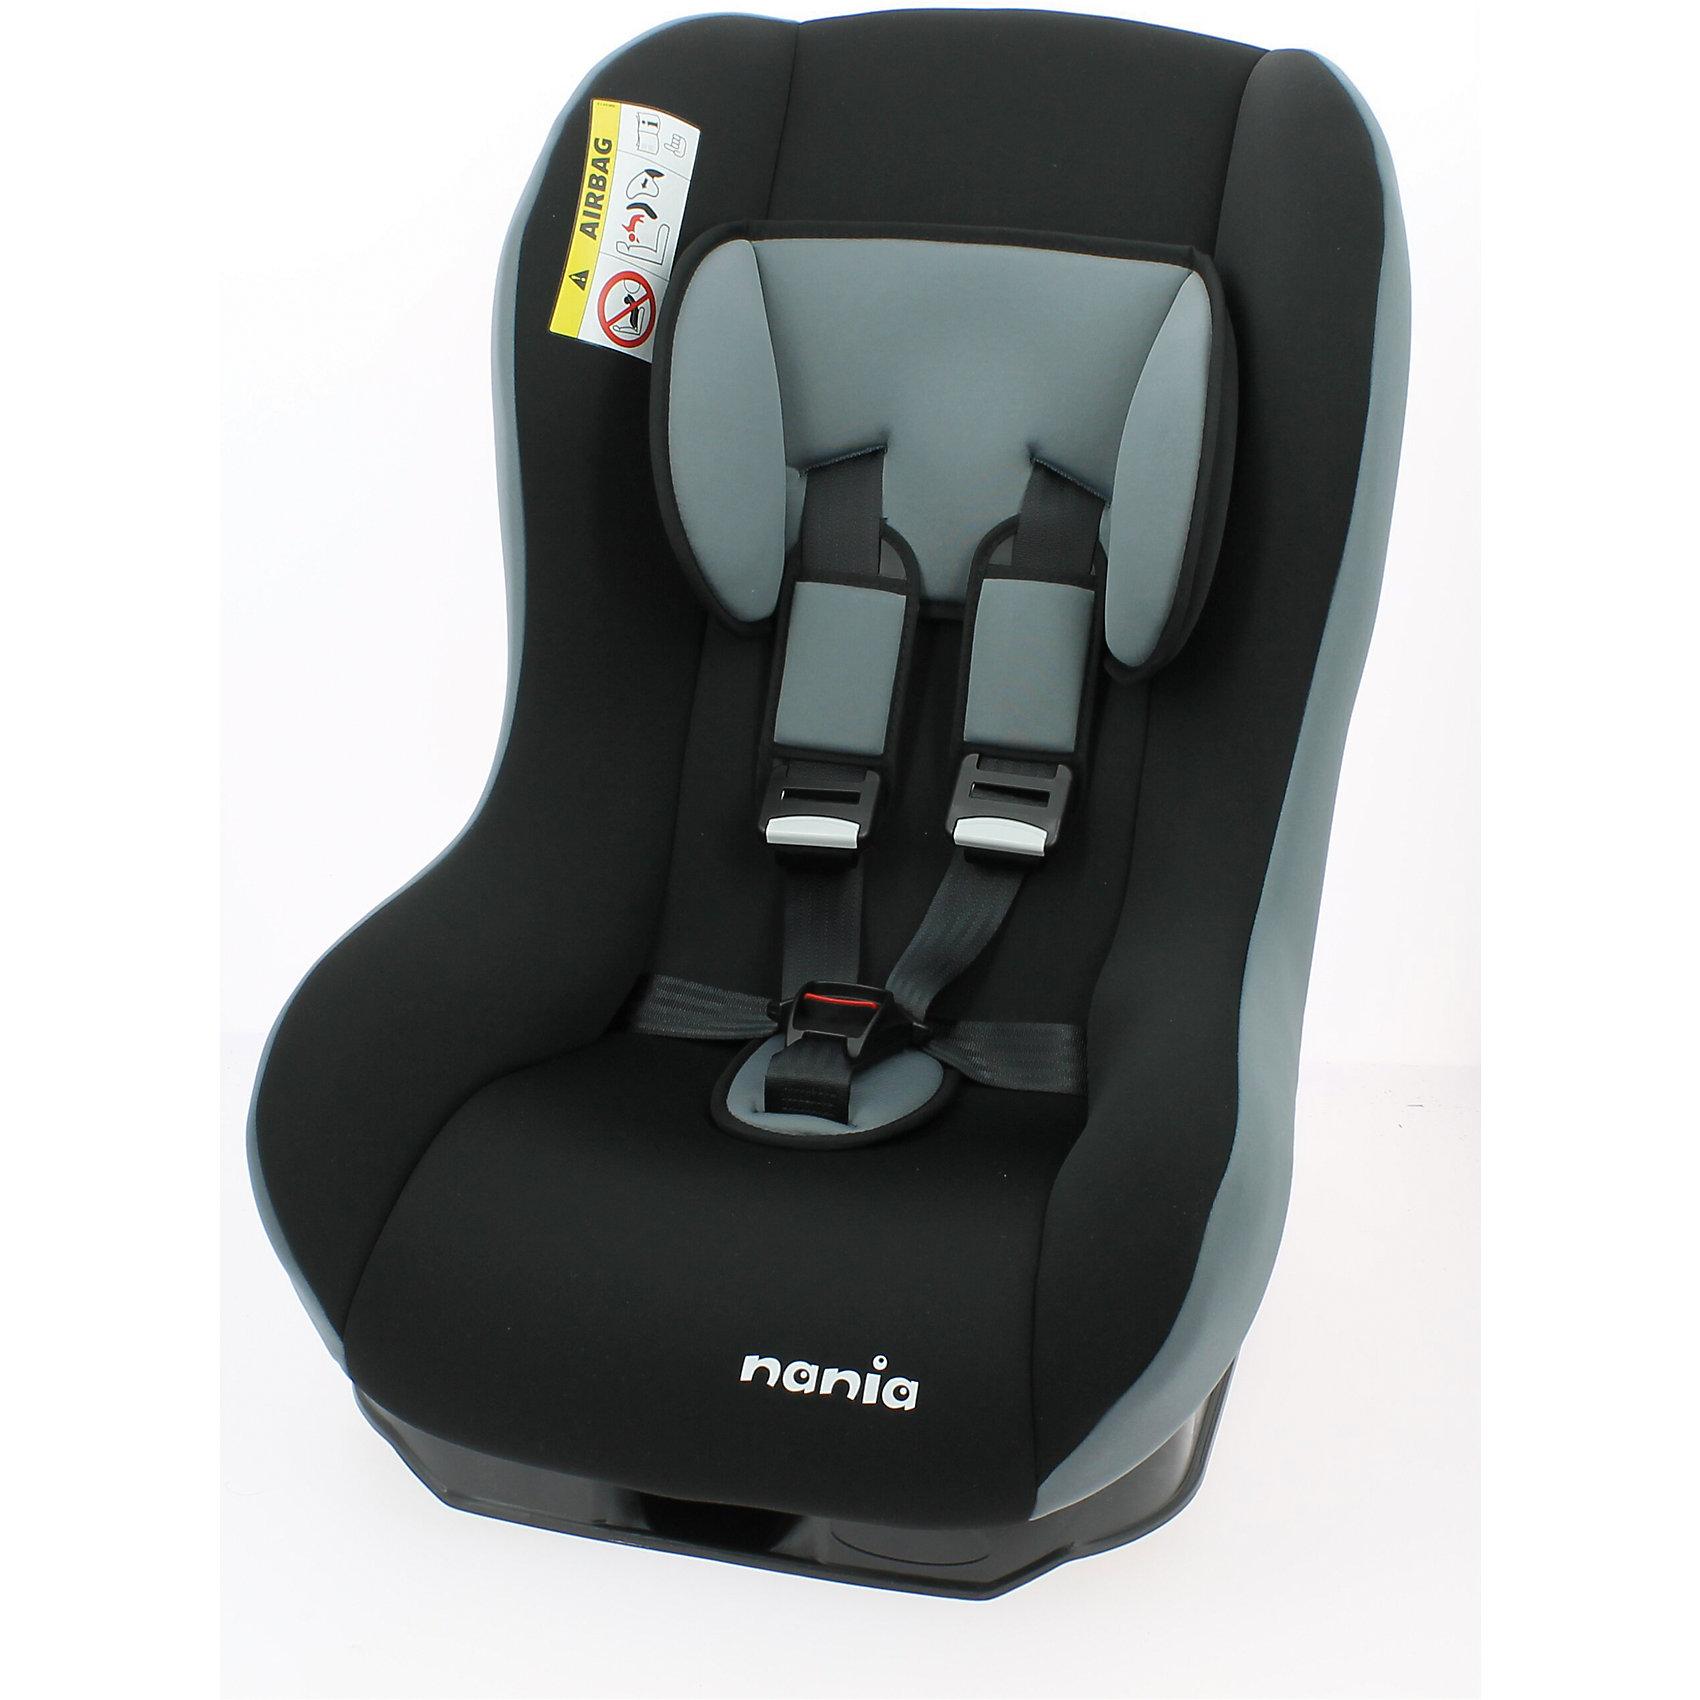 Автокресло Nania Maxim Eco 0-18 кг, rock greyГруппа 0+, 1 (До 18 кг)<br>Характеристики автокресла Nania Maxim Eco:<br><br>• группа 0-1;<br>• вес ребенка: до 18 кг;<br>• возраст ребенка: от рождения до 4 лет;<br>• способ установки: против хода движения (до 9 месяцев) и по ходу движения автомобиля (от 9 месяцев);<br>• способ крепления: штатными ремнями безопасности автомобиля;<br>• имеется анатомический вкладыш для новорожденного;<br>• регулируется угол наклона спинки автокресла: 5 положений;<br>• 5-ти точечные ремни безопасности с мягкими накладками, регулируются по высоте (3 положения) и длине;<br>• дополнительная защита от боковых ударов;<br>• съемные чехлы, стирка при температуре 30 градусов;<br>• материал: пластик, полиэстер;<br>• стандарт безопасности: ЕСЕ R44/04.<br><br>Размер автокресла: 61х45х54 см<br>Размер сиденья: 31х31 см<br>Высота спинки: 55 см<br>Вес автокресла: 5,7 кг<br><br>Автокресло Maxim Eco, 0-18 кг., Nania, rock grey можно купить в нашем интернет-магазине.<br><br>Ширина мм: 540<br>Глубина мм: 450<br>Высота мм: 610<br>Вес г: 5700<br>Возраст от месяцев: 0<br>Возраст до месяцев: 48<br>Пол: Унисекс<br>Возраст: Детский<br>SKU: 5350607